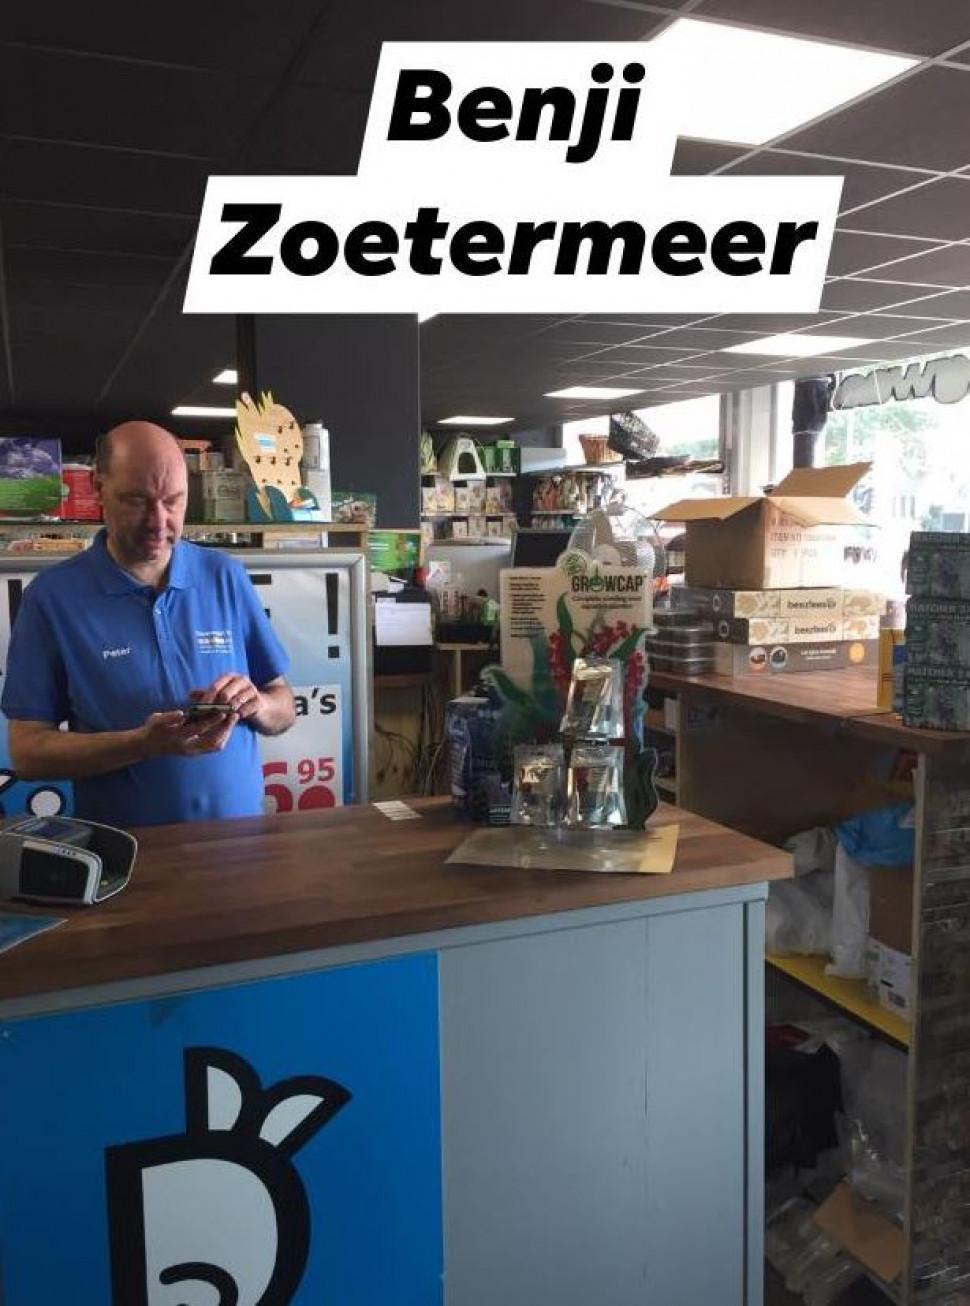 benji Zoetermeer.JPG